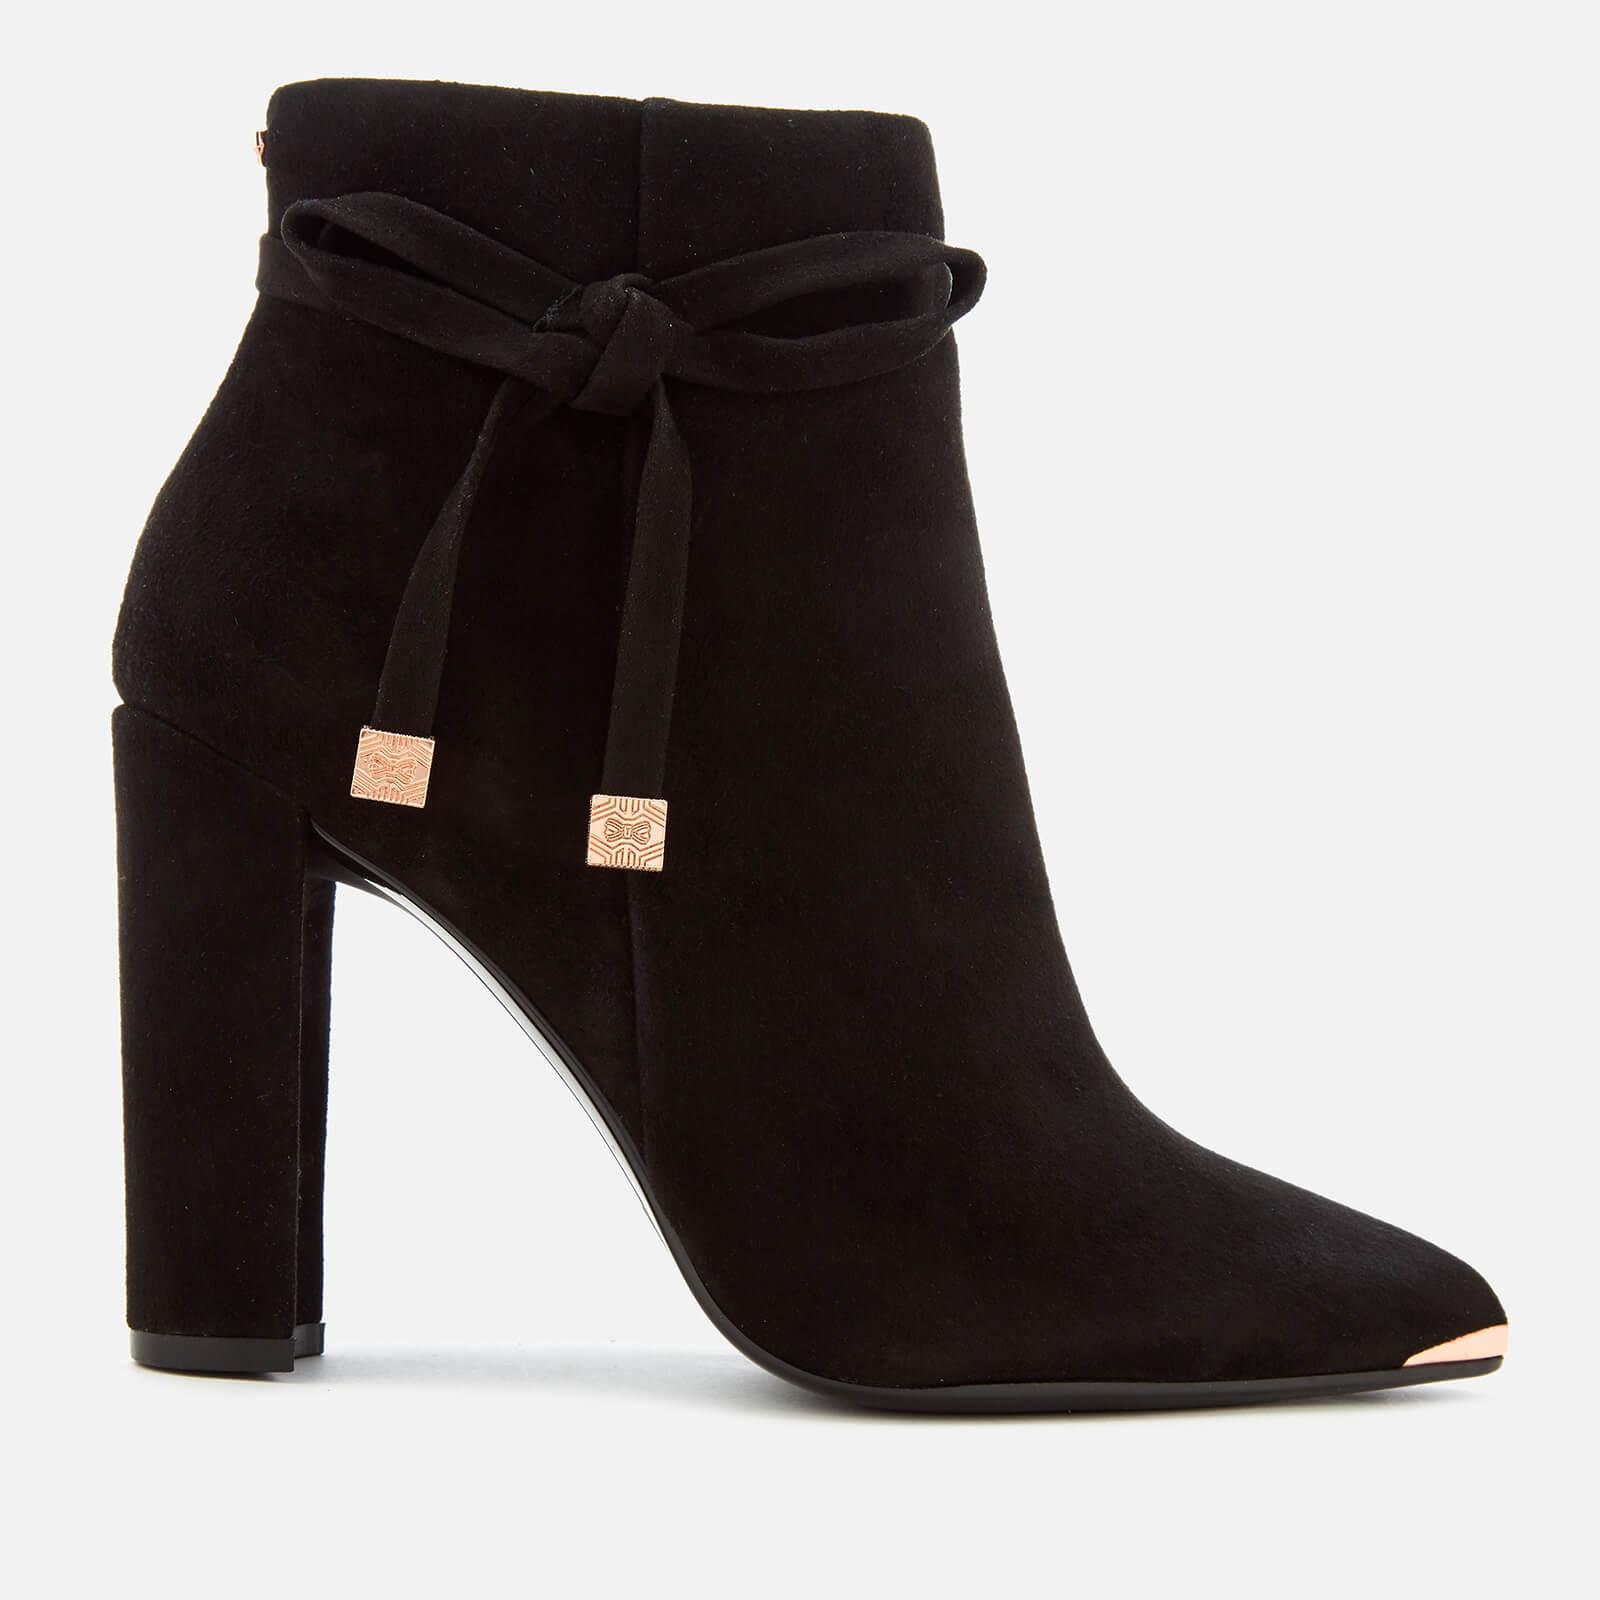 25ecc65874aa Ted Baker Women s Qatena Suede Heeled Ankle Boots - Black Womens Footwear